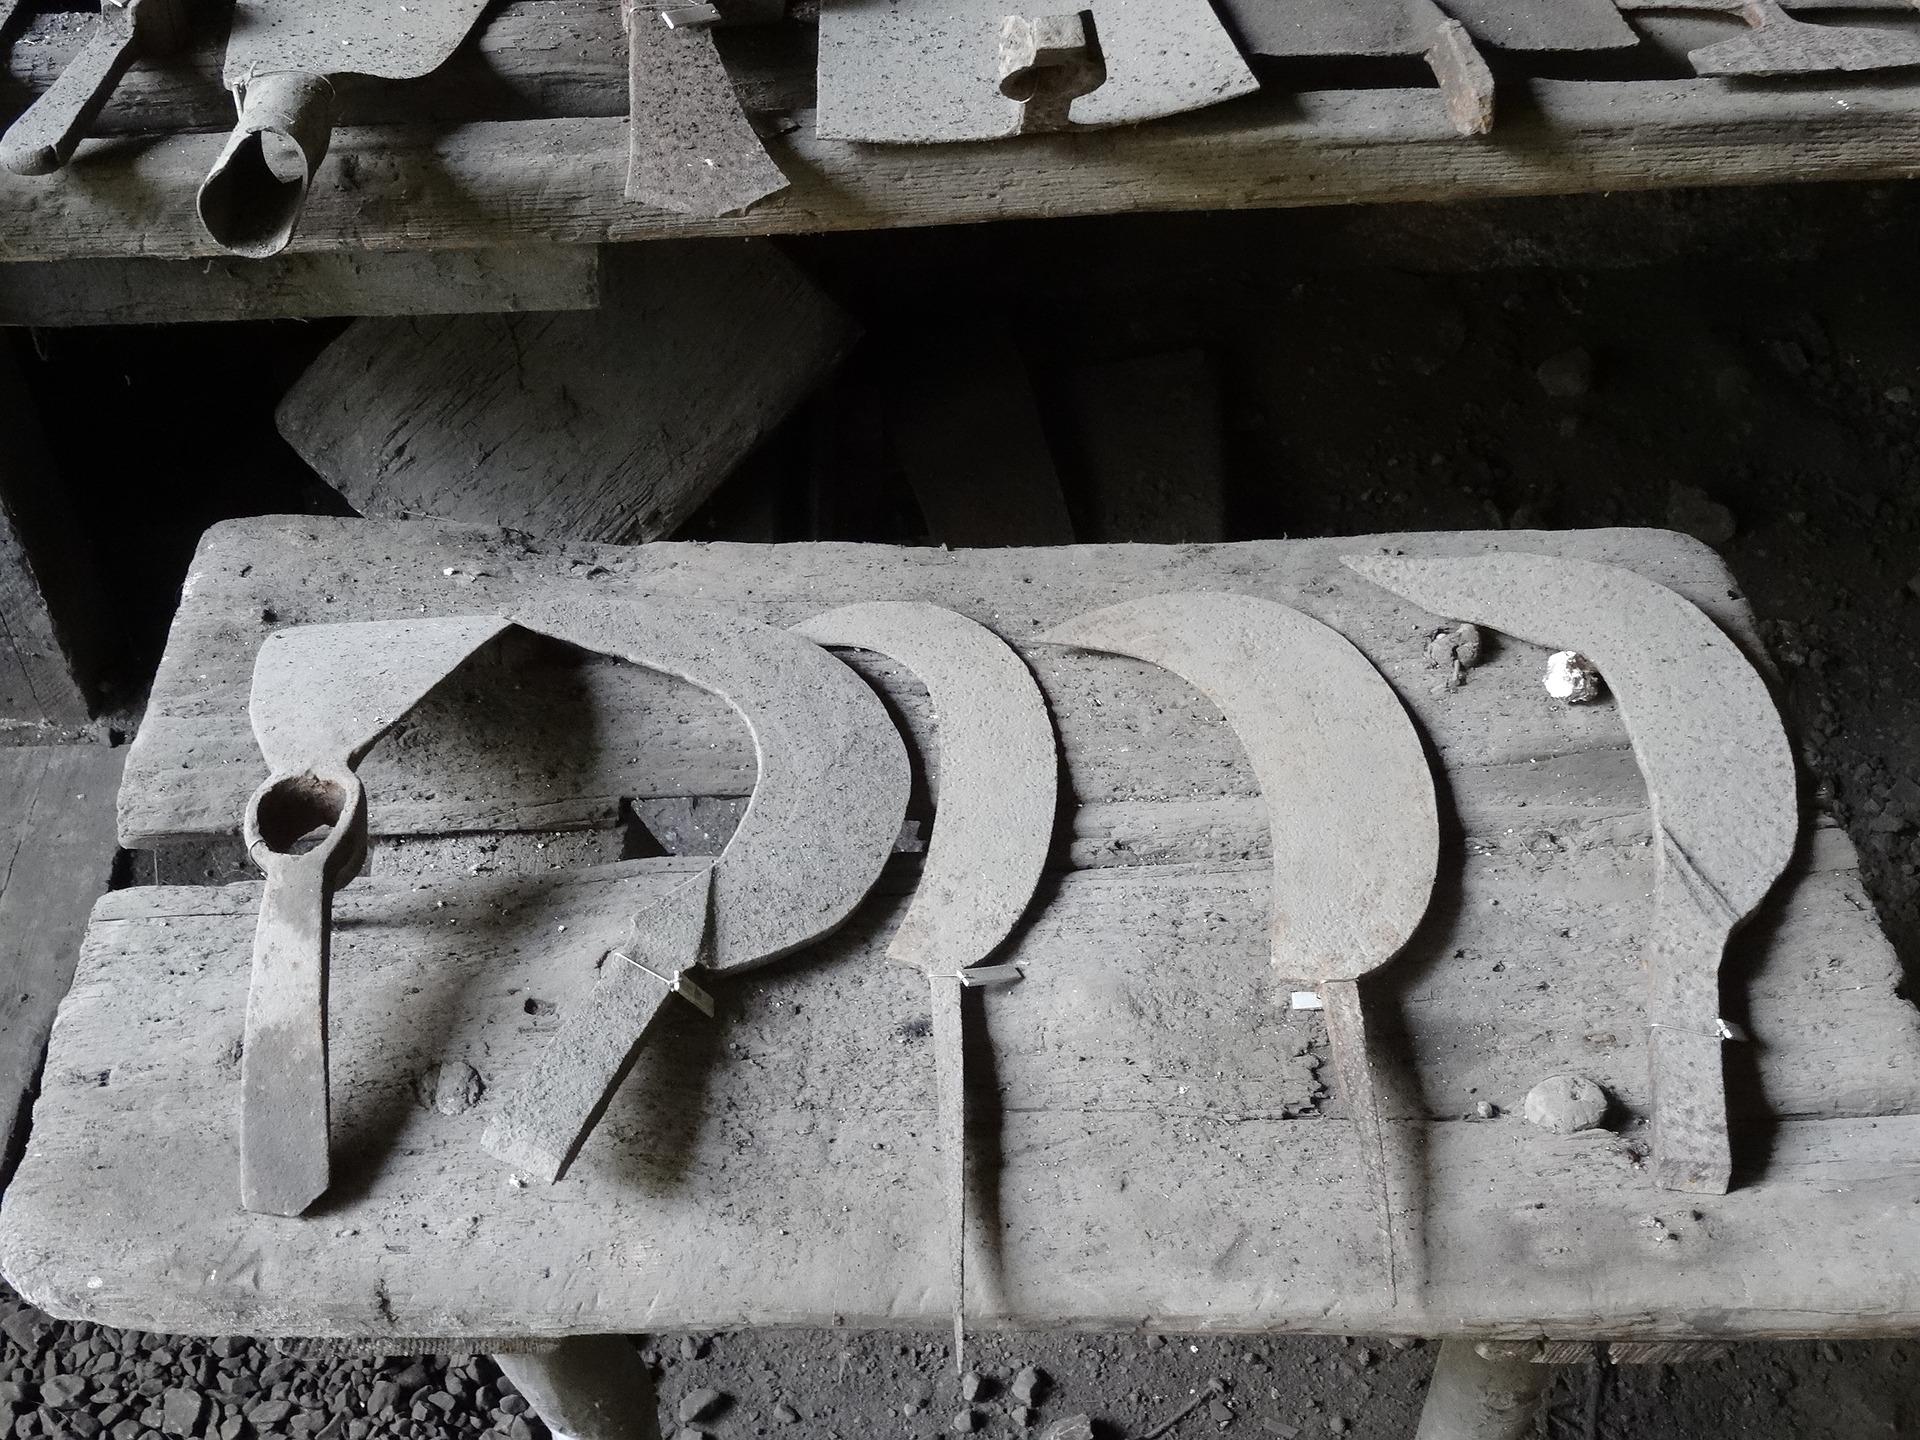 Imagem mostra várias foices empoeiradas lado a lado.